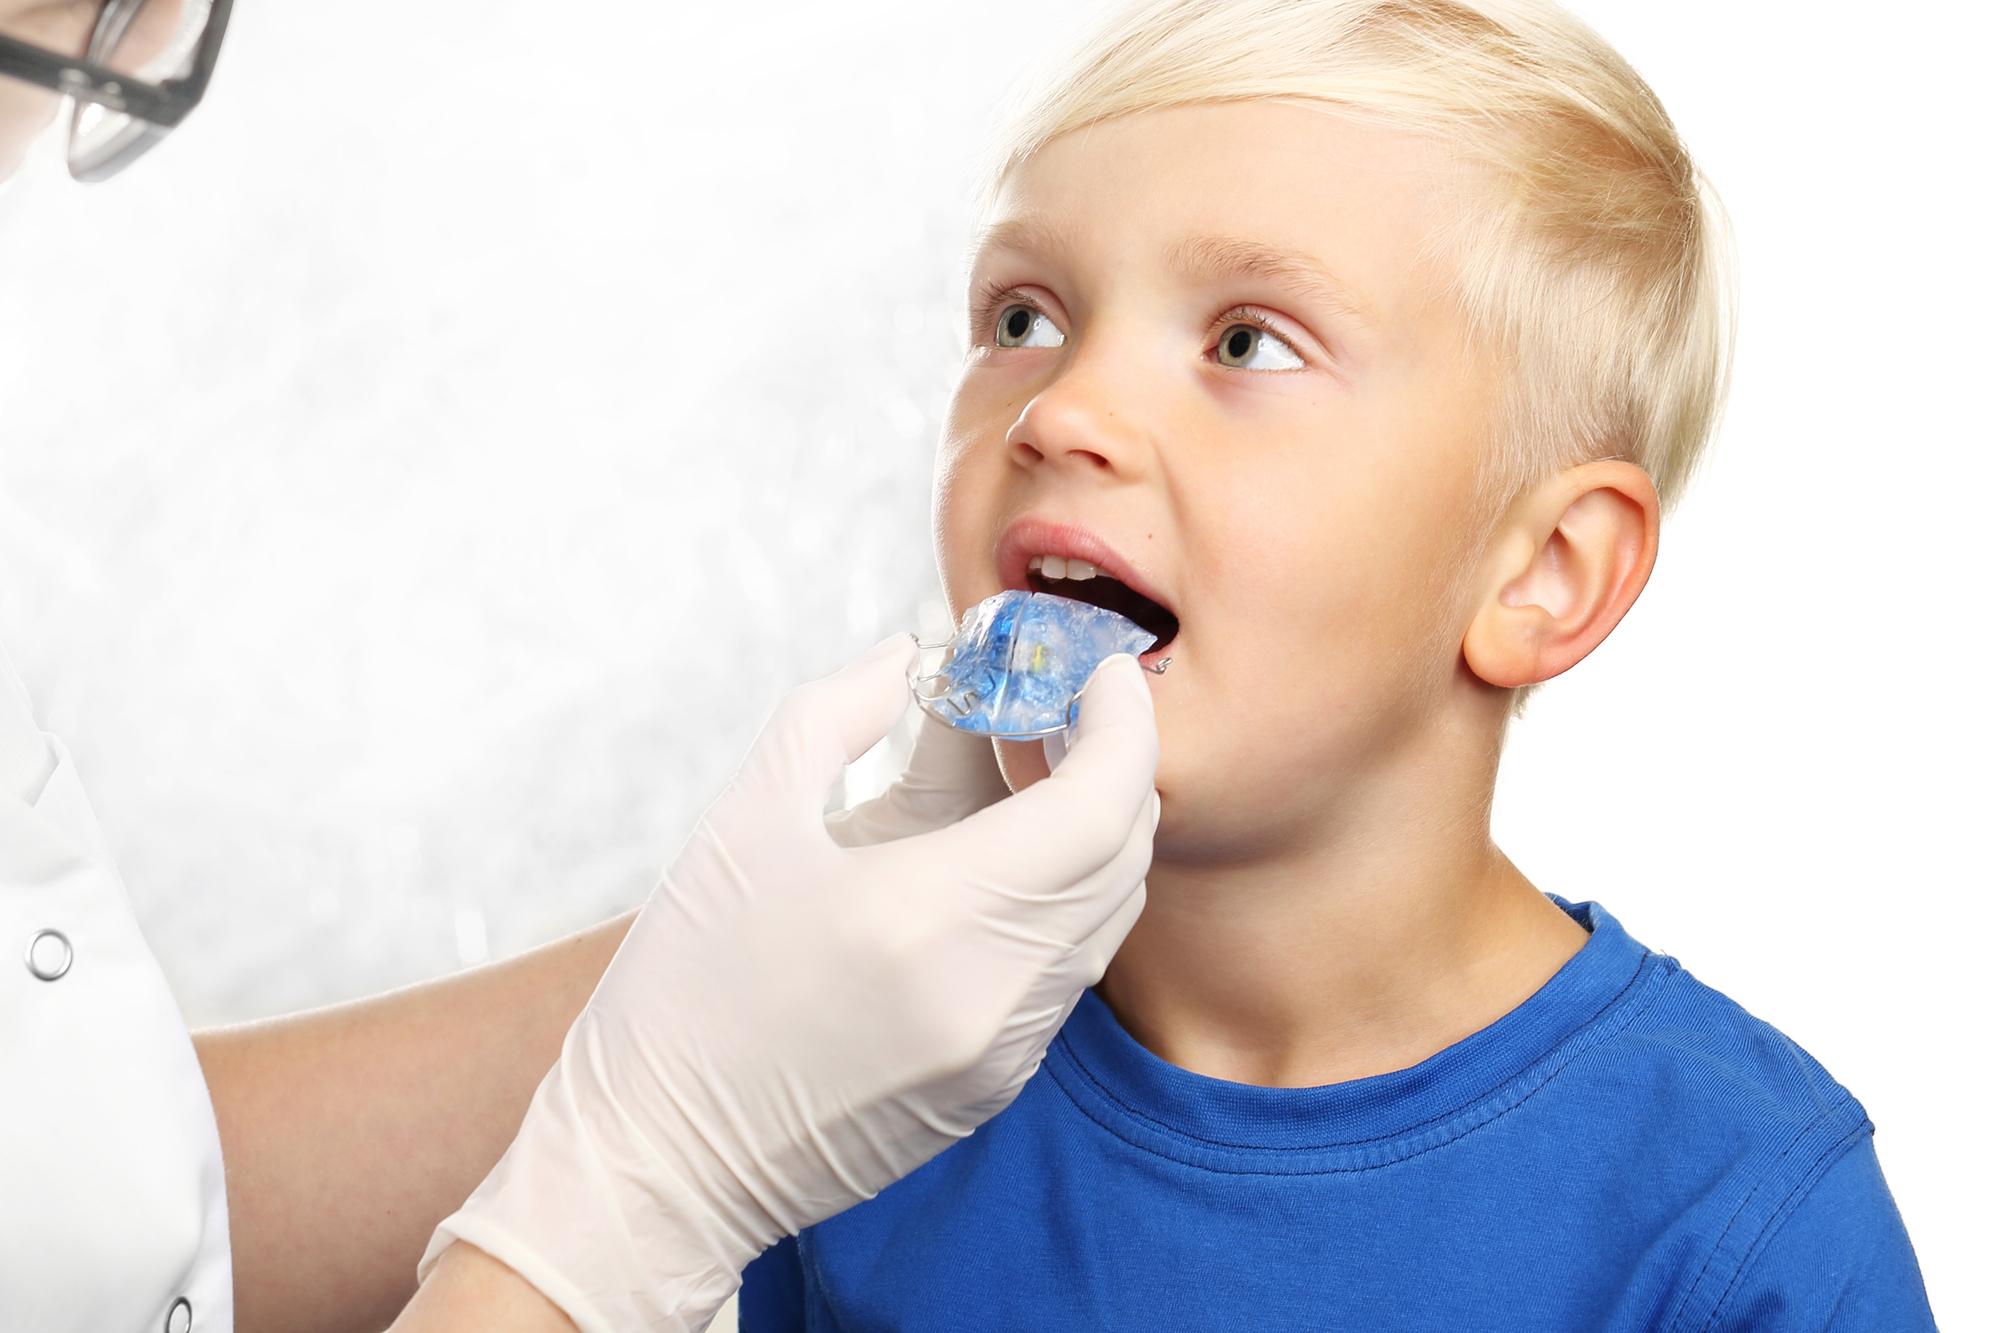 Wizyta u ortodonty - niepokojące objawy